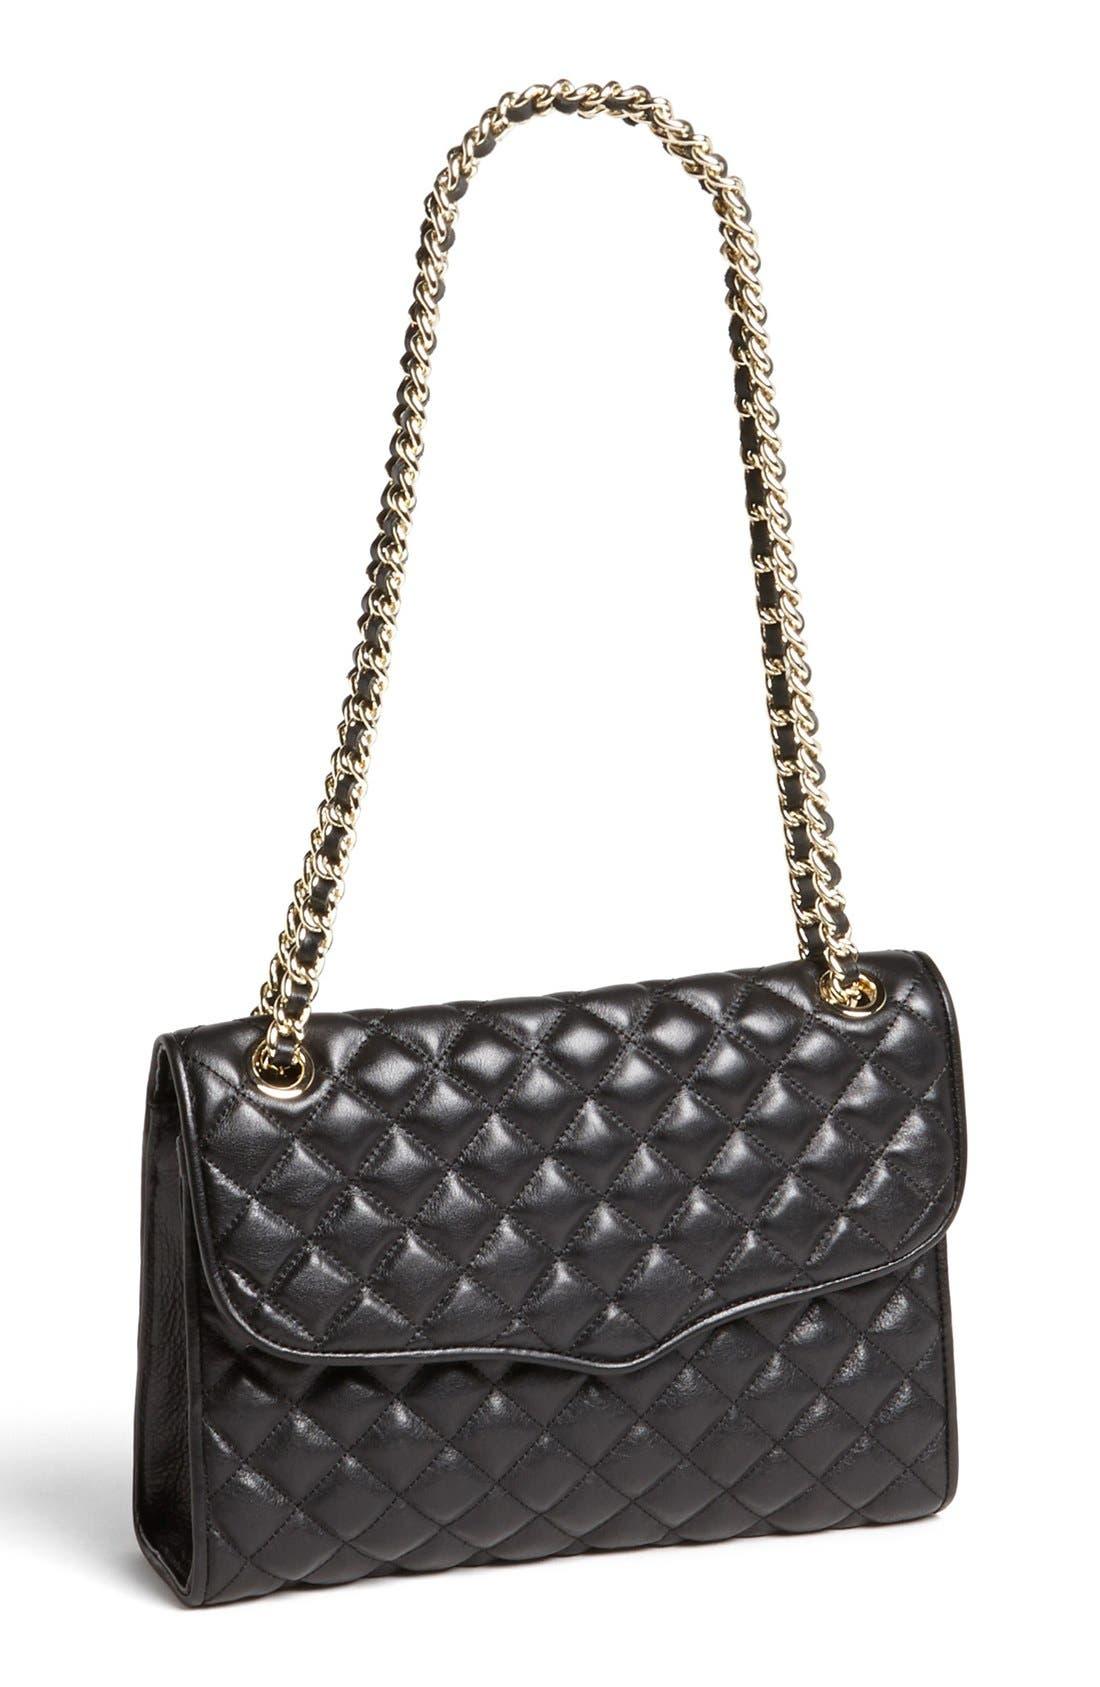 REBECCA MINKOFF 'Quilted Affair' Shoulder Bag, Main, color, 001